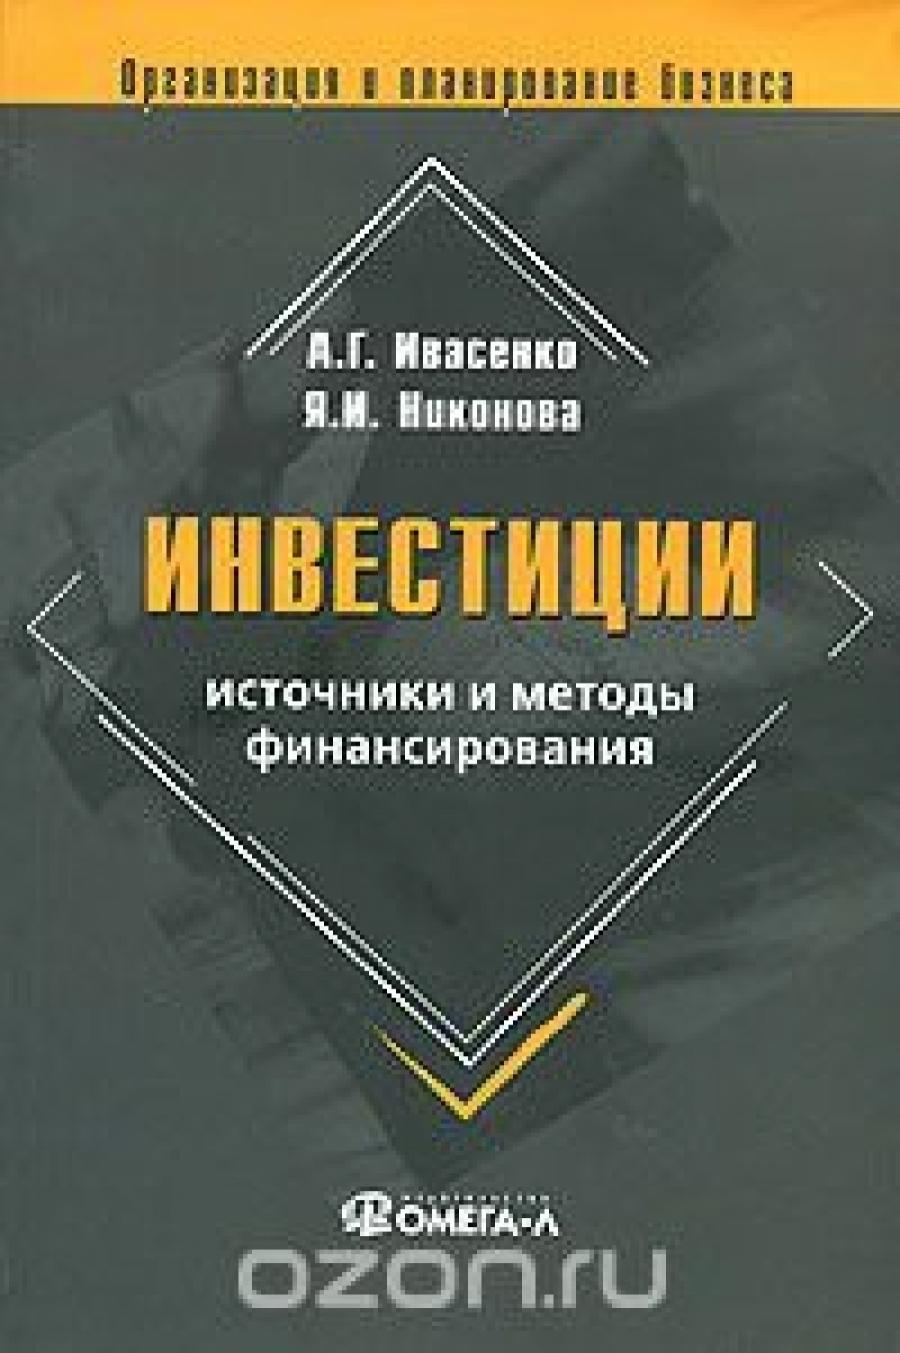 Обложка книги:  ивасенко а.г., никонова я.и. - инвестиции. источники и методы финансирования